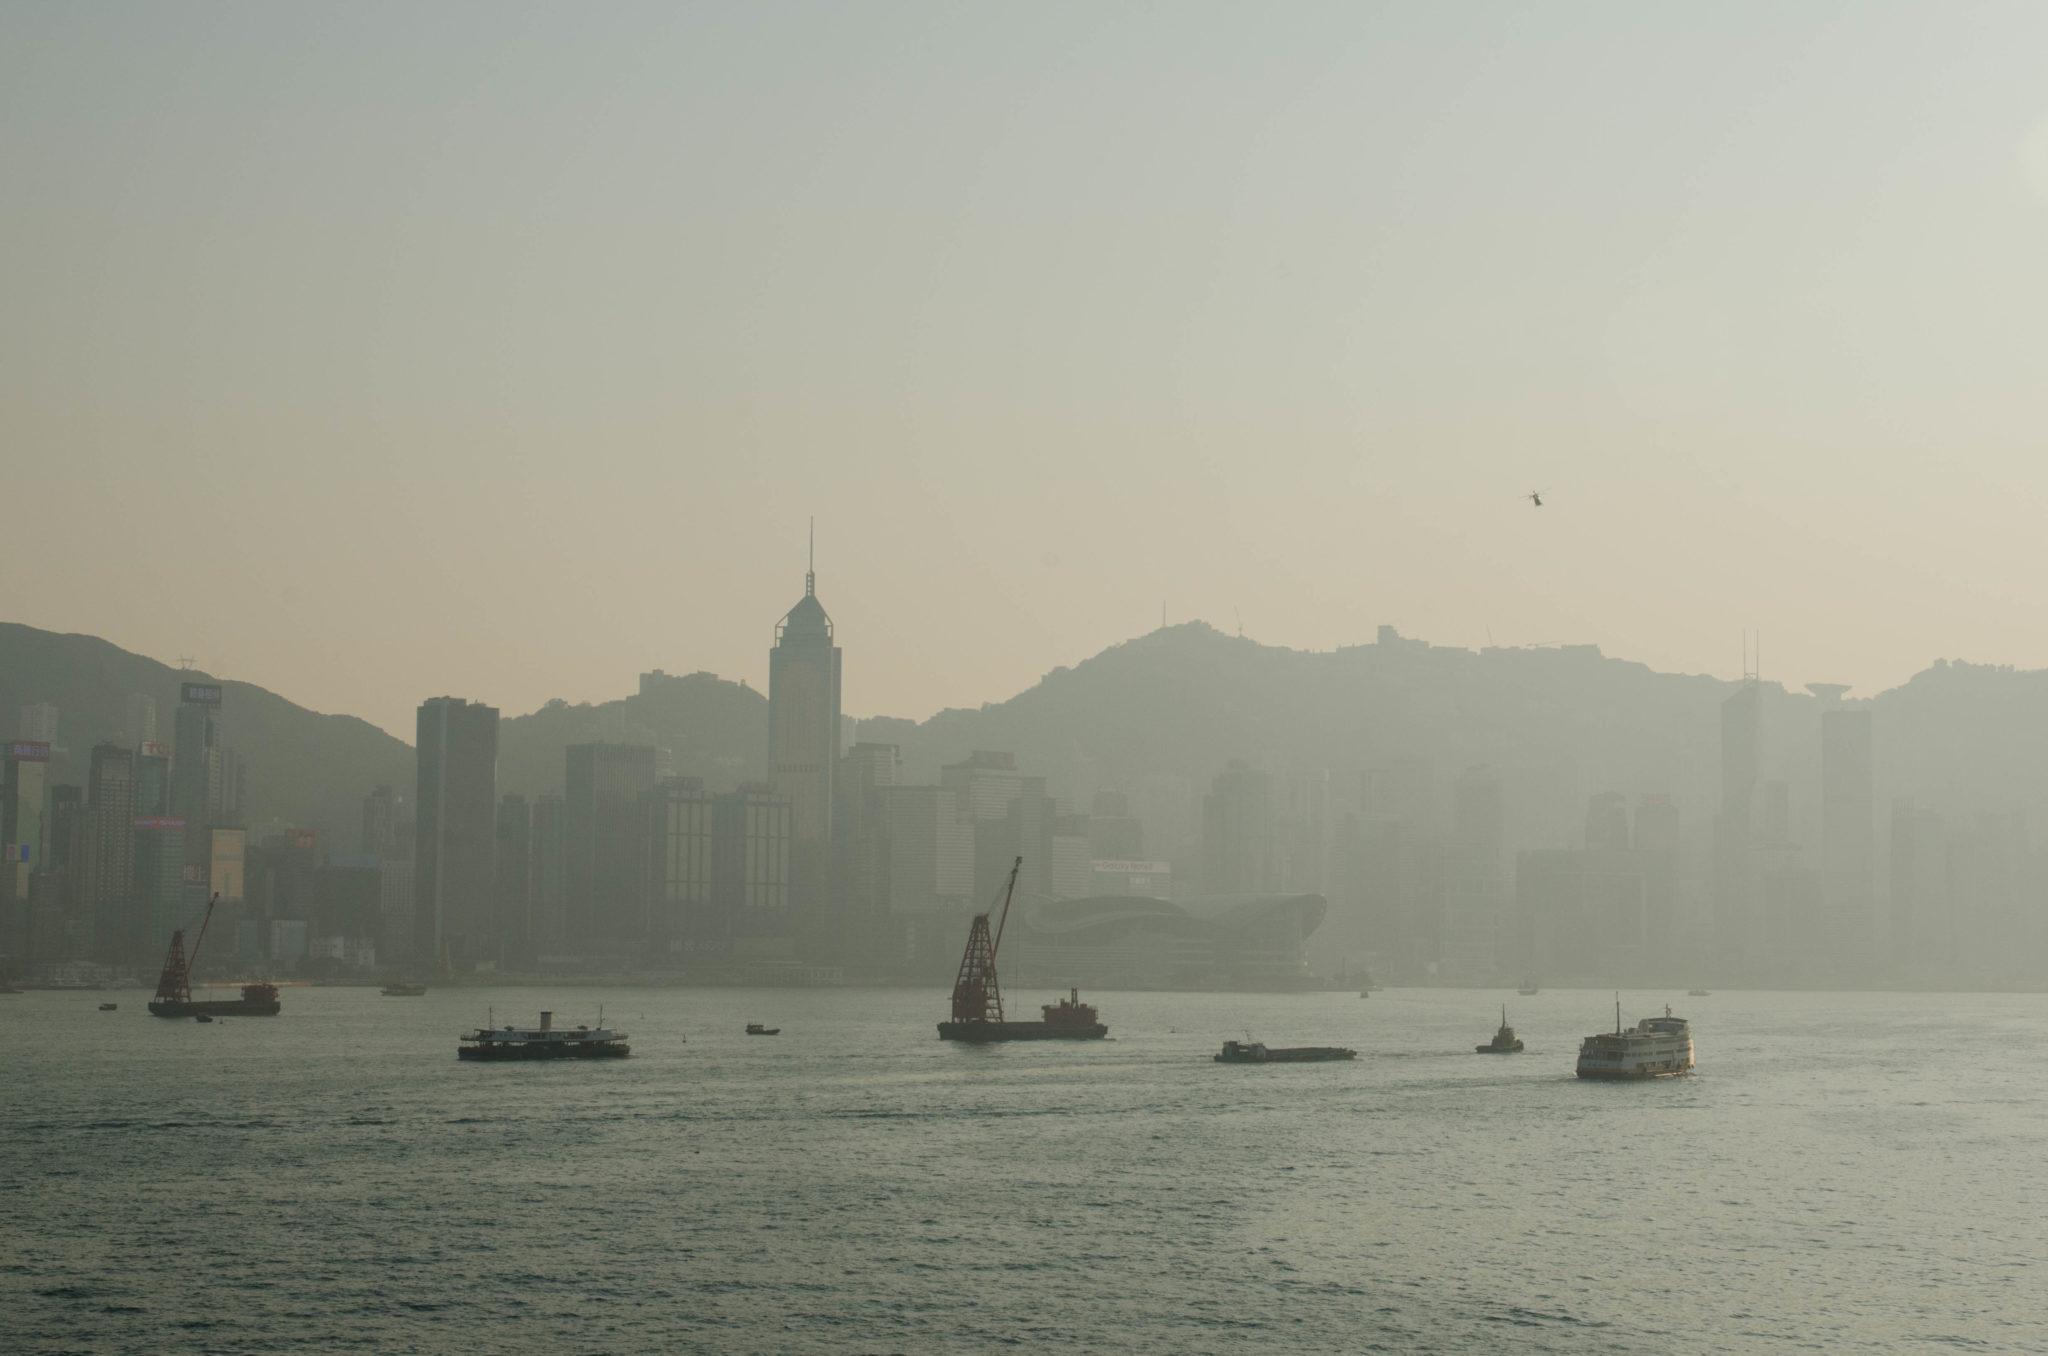 Der Abschied vom Kerry Hong Kong fällt schwer.